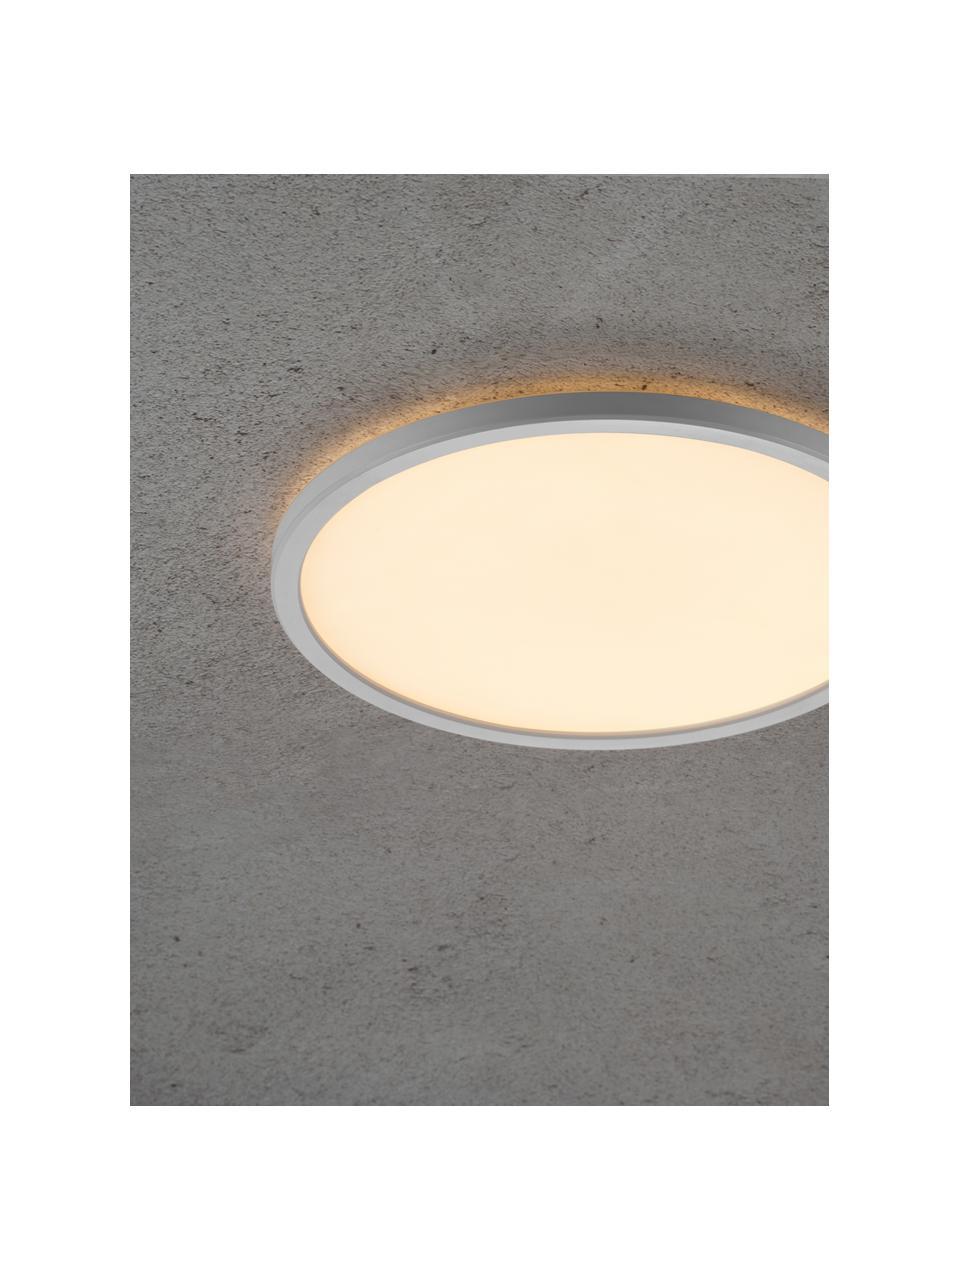 Mały panel świetlny LED z funkcją przyciemniania Oja, Biały, Ø 29 x W 2 cm